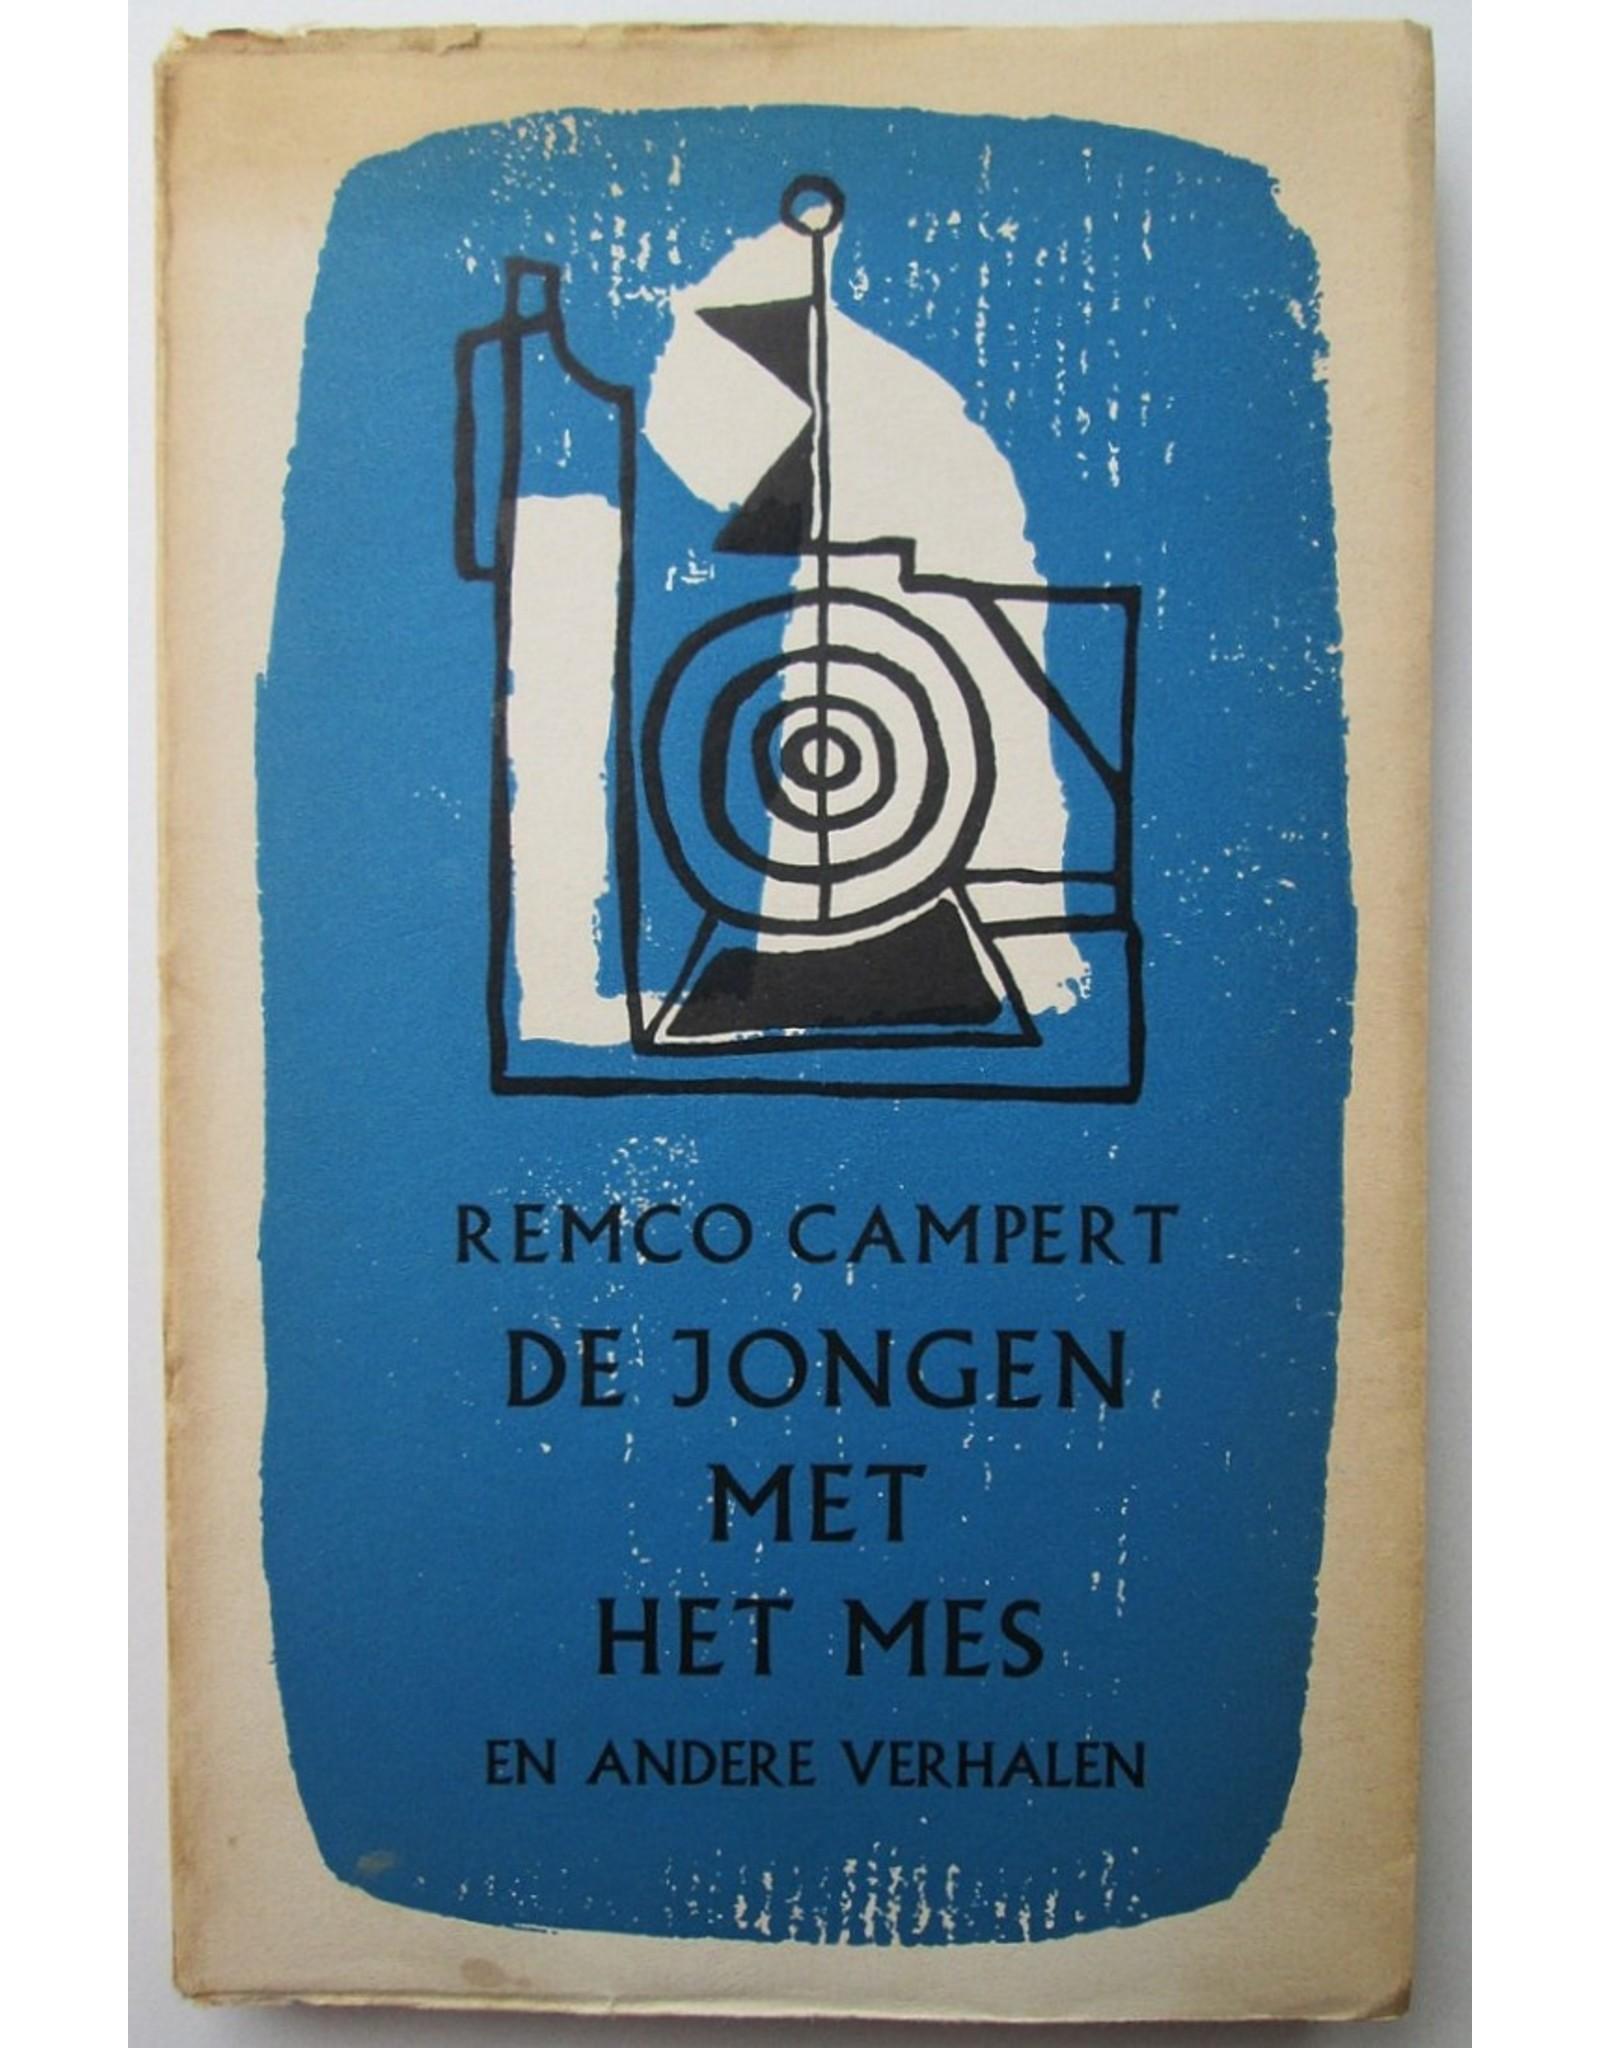 Remco Campert - De jongen met het mes en andere verhalen